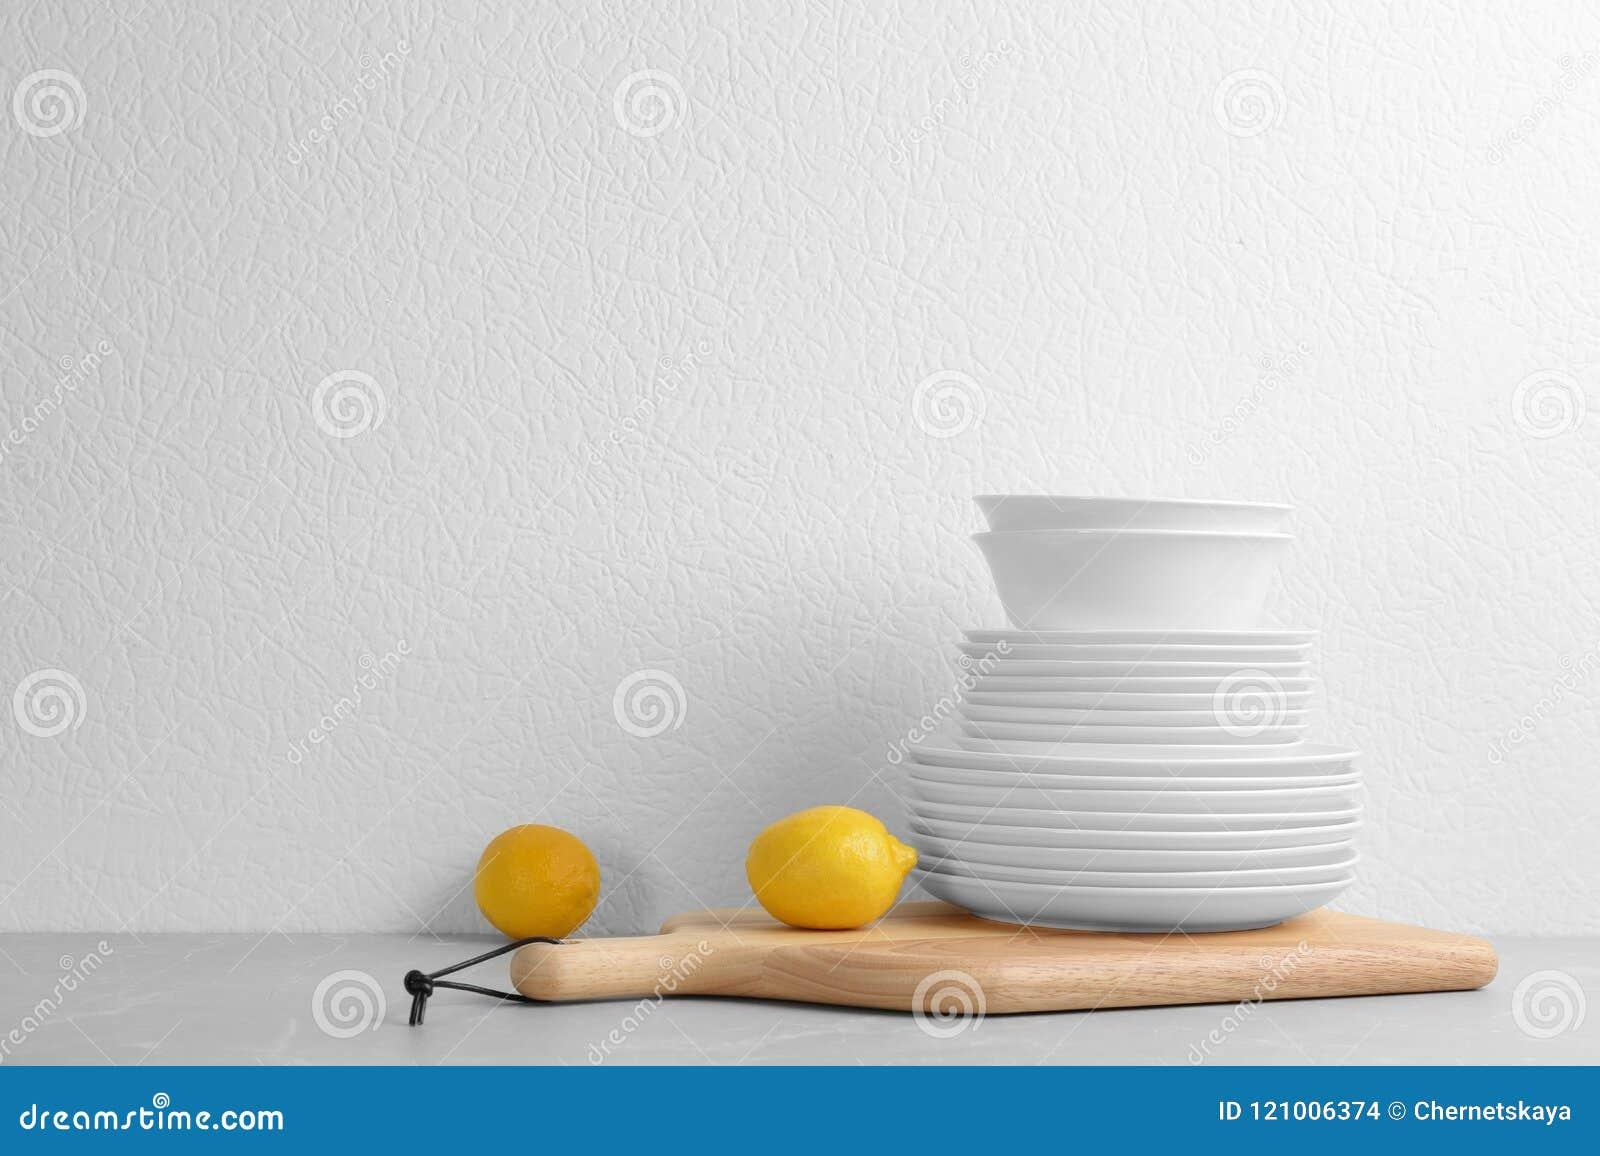 Комплект посуды на таблице